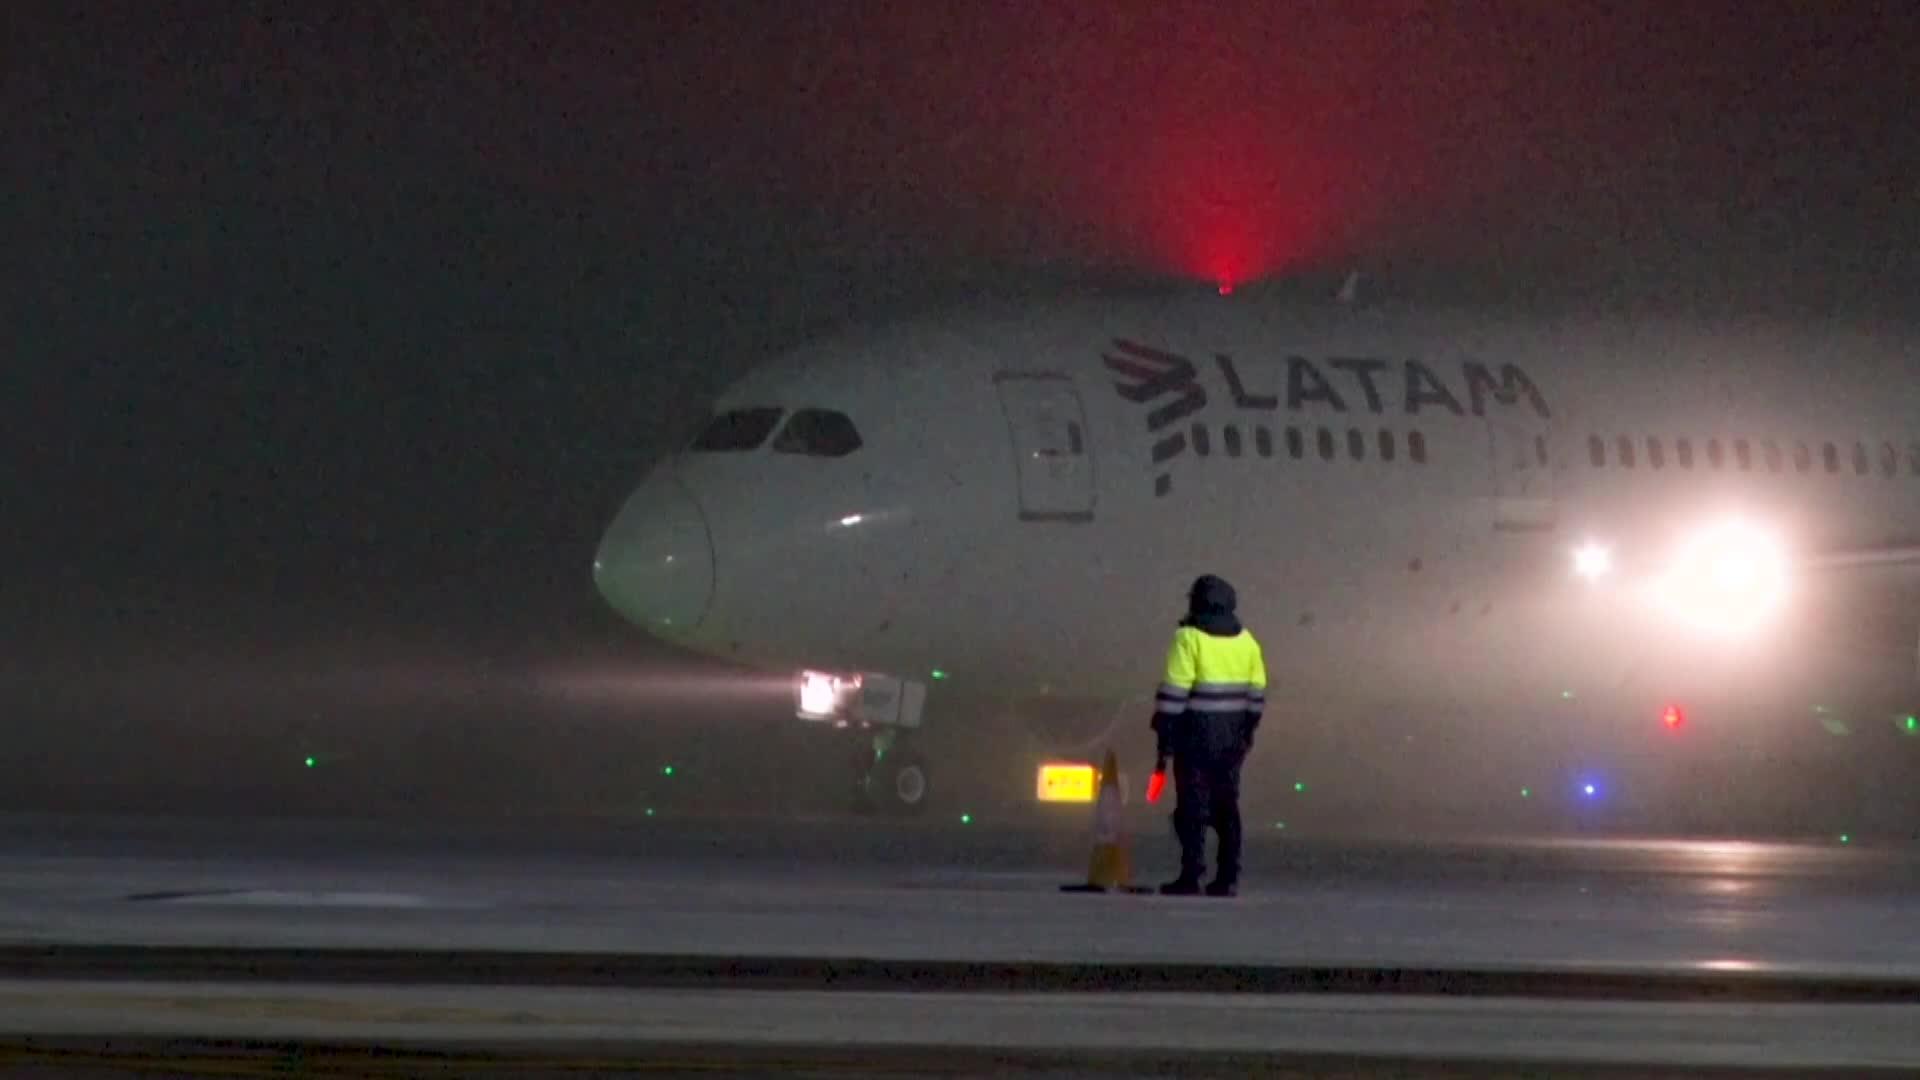 Chile tendrá el primer aeropuerto de Latinoamérica para aviones impulsados con hidrógeno verde en 2030